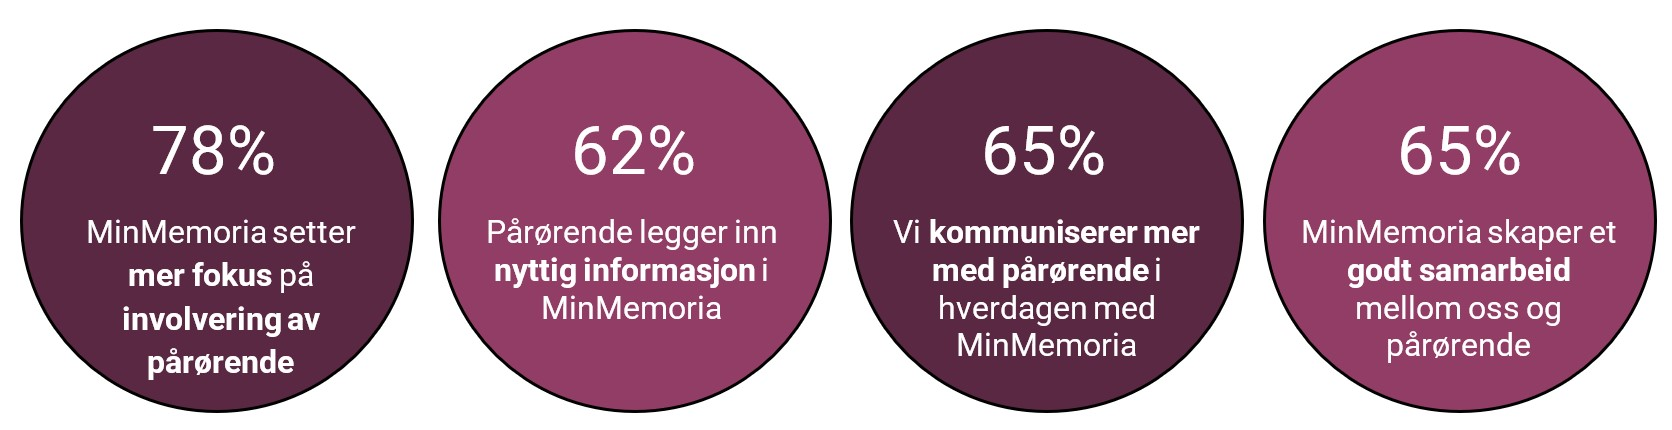 78% mener MinMemoria setter mer fokus på involvering av pårørende. 62% mener pårørende legger inn nyttig informasjon i MinMemoria. 65% sier de kommuniserer mer med pårørende i hverdagen med MinMemoria. 65% mener MinMemoria skaper et god samarbeid mellom oss og pårørende.